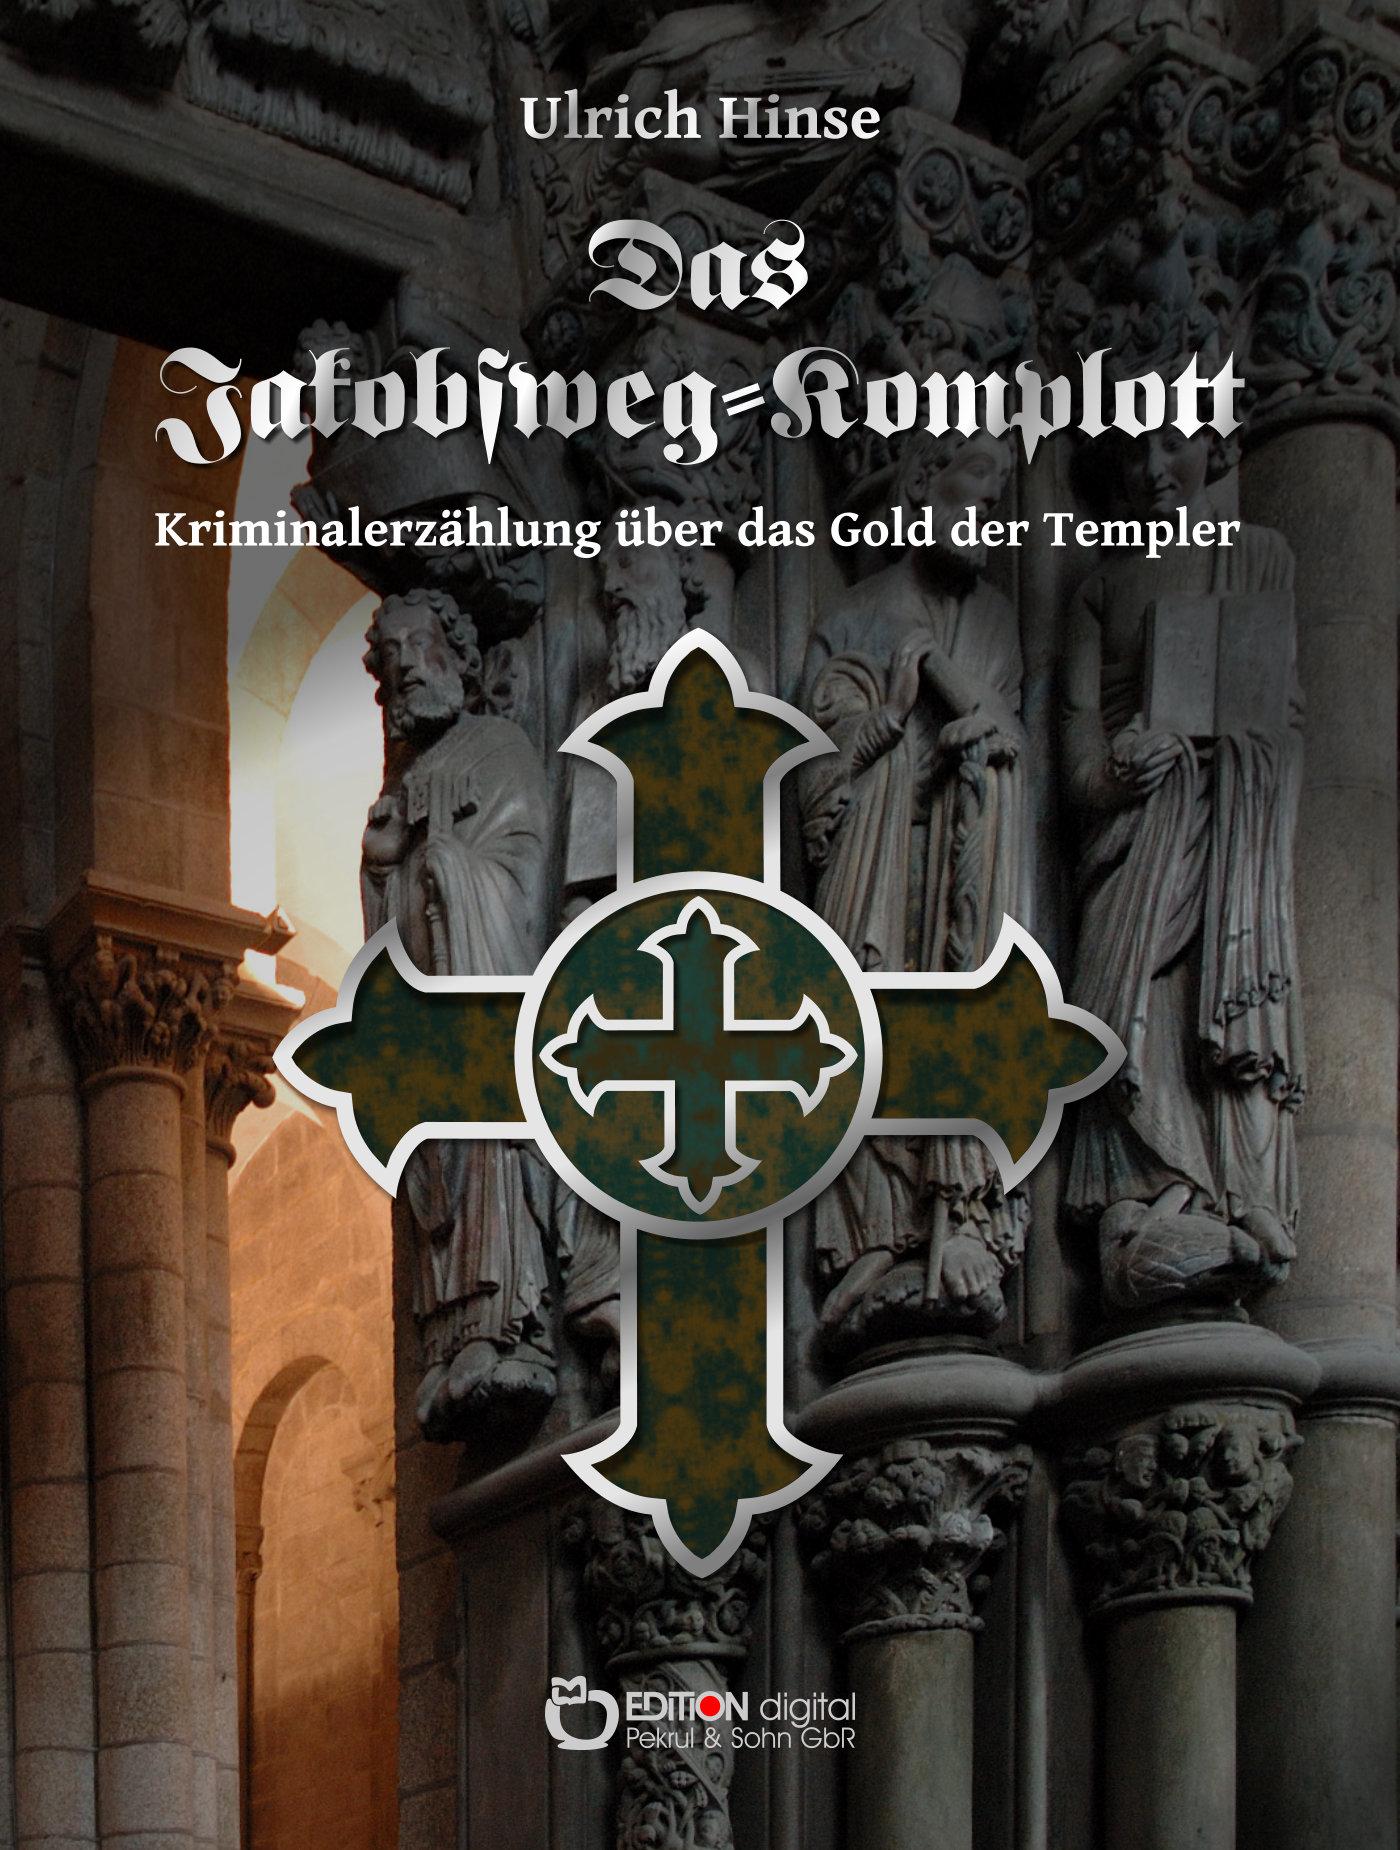 Das Jakobsweg-Komplott. Kriminalerzählung über das Gold der Templer von Ulrich Hinse